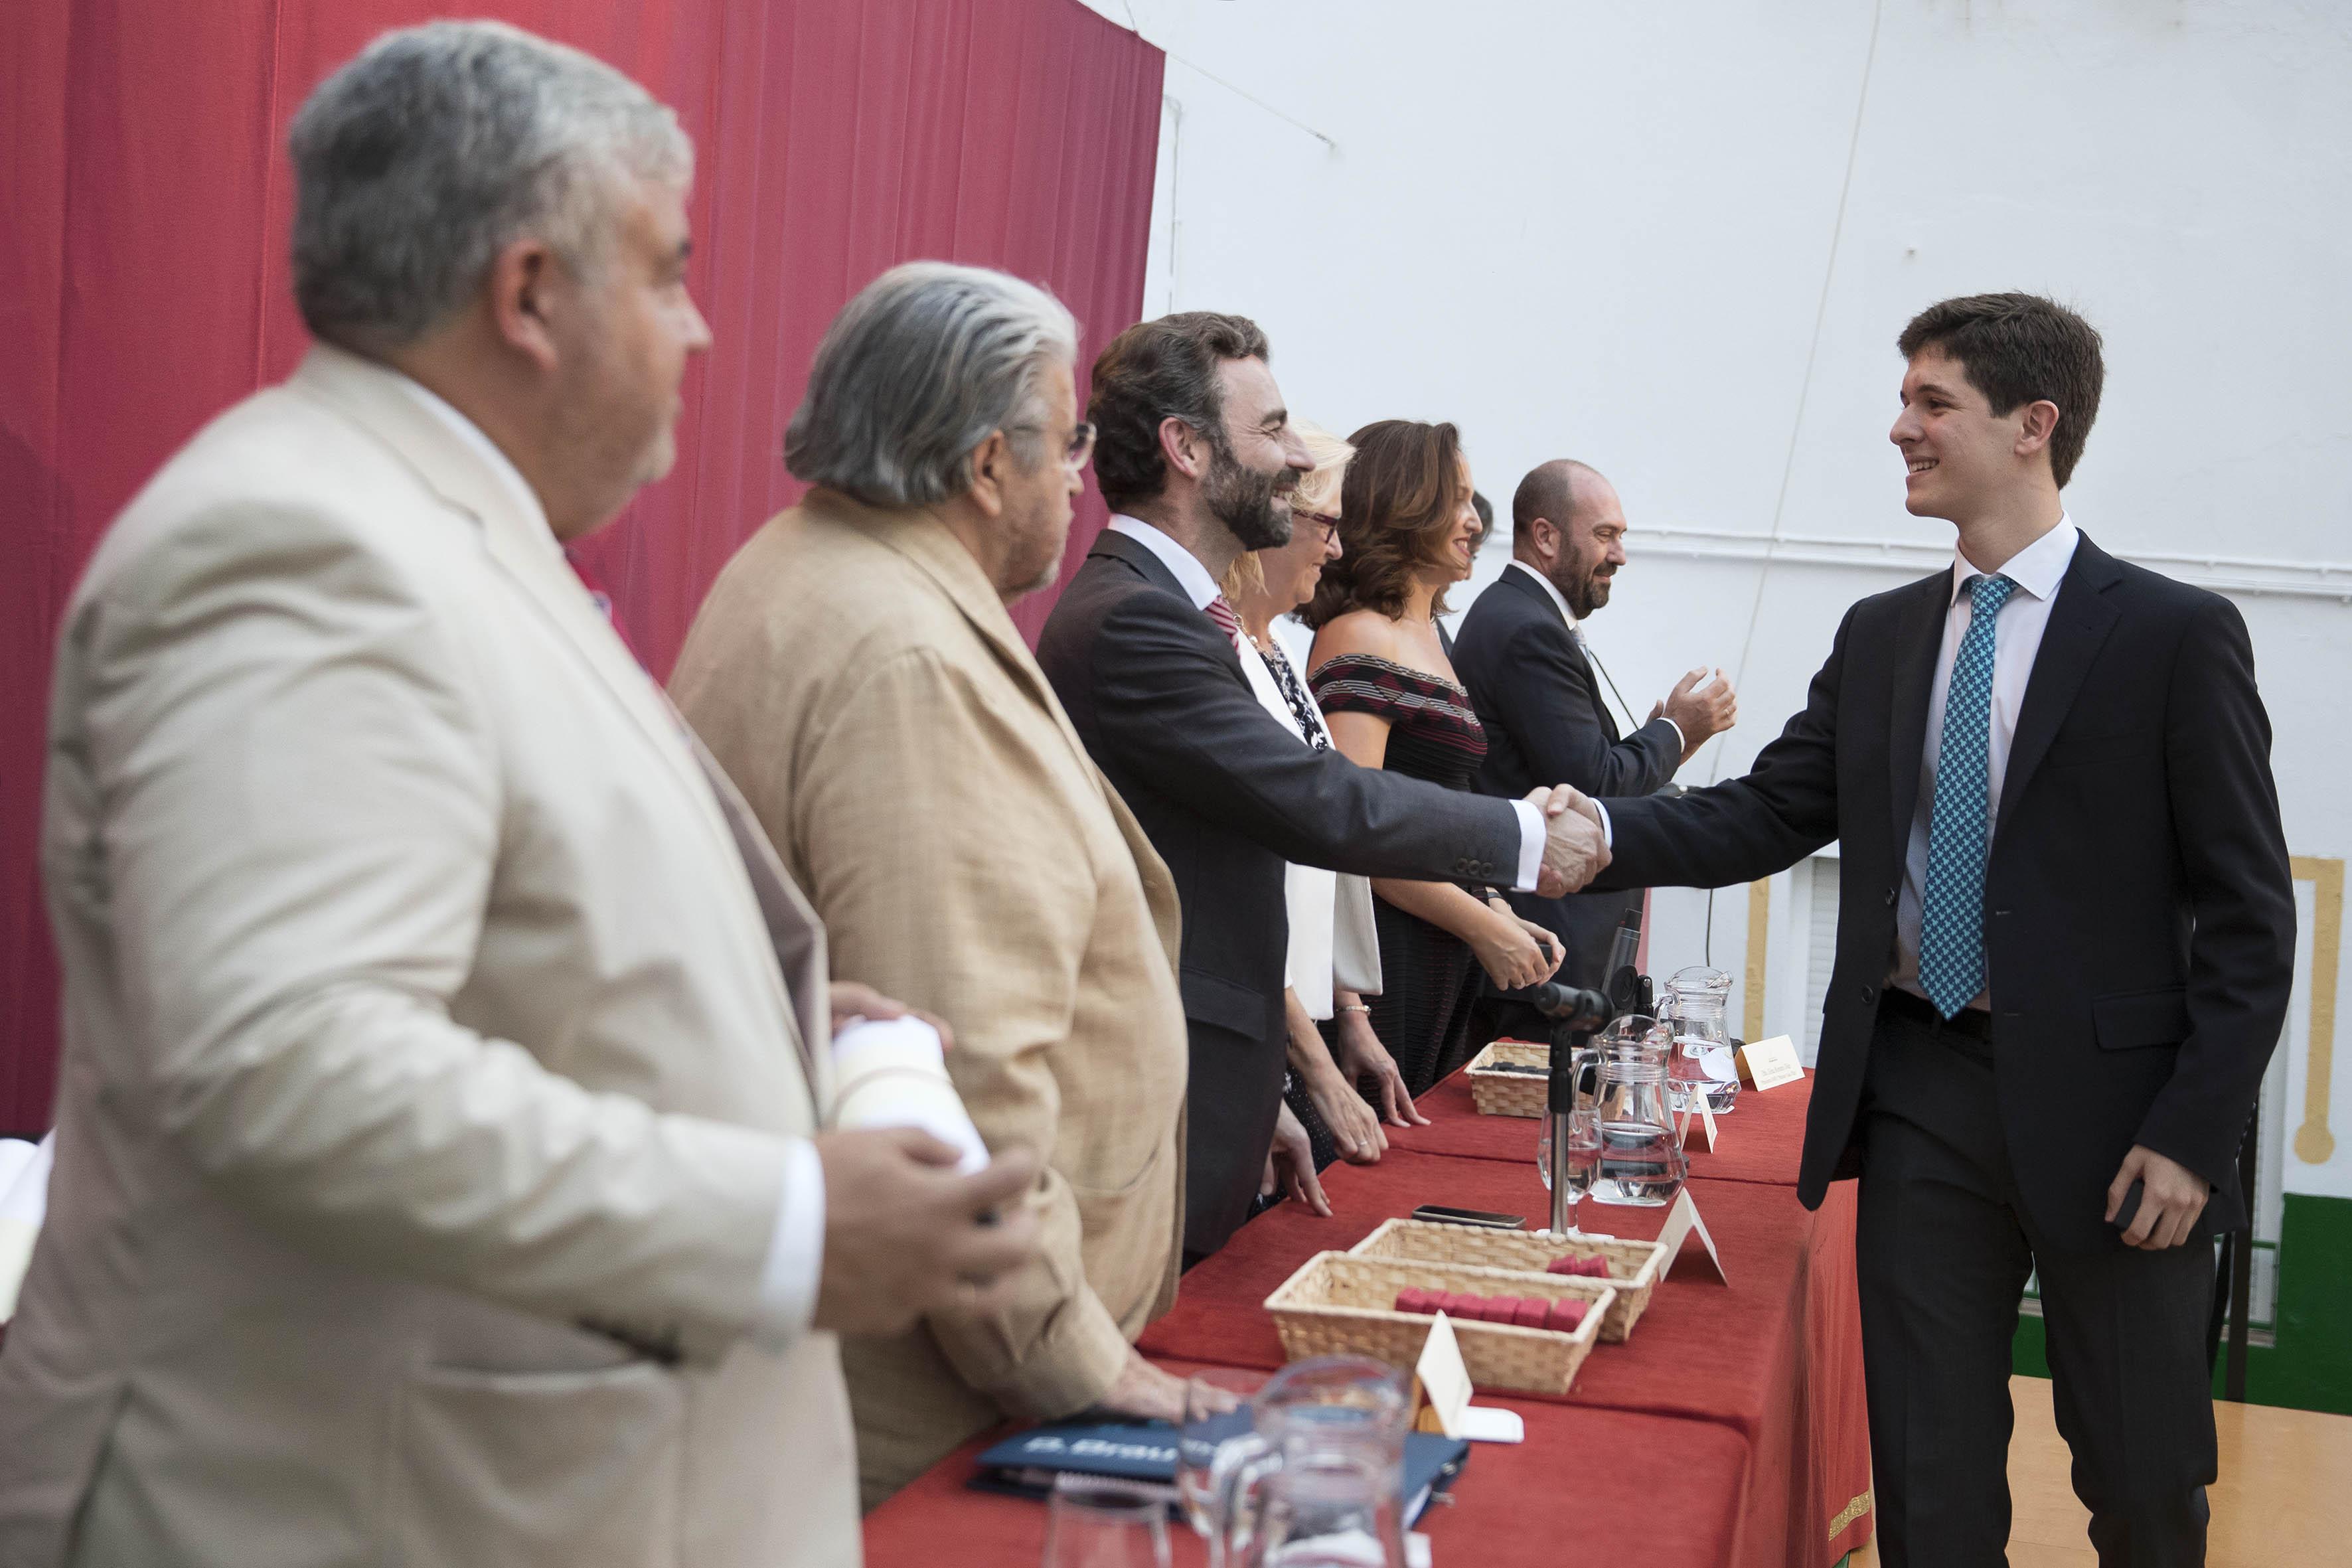 NOTA DE PRENSA: EL CIRUJANO DOMINGO MARTÍNEZ OBRADÓ PRESIDE EL ACTO DE GRADUACIÓN DE LA CXXXI PROMOCIÓN DE BACHILLERATO DEL COLEGIO DE SAN FRANCISCO DE PAULA